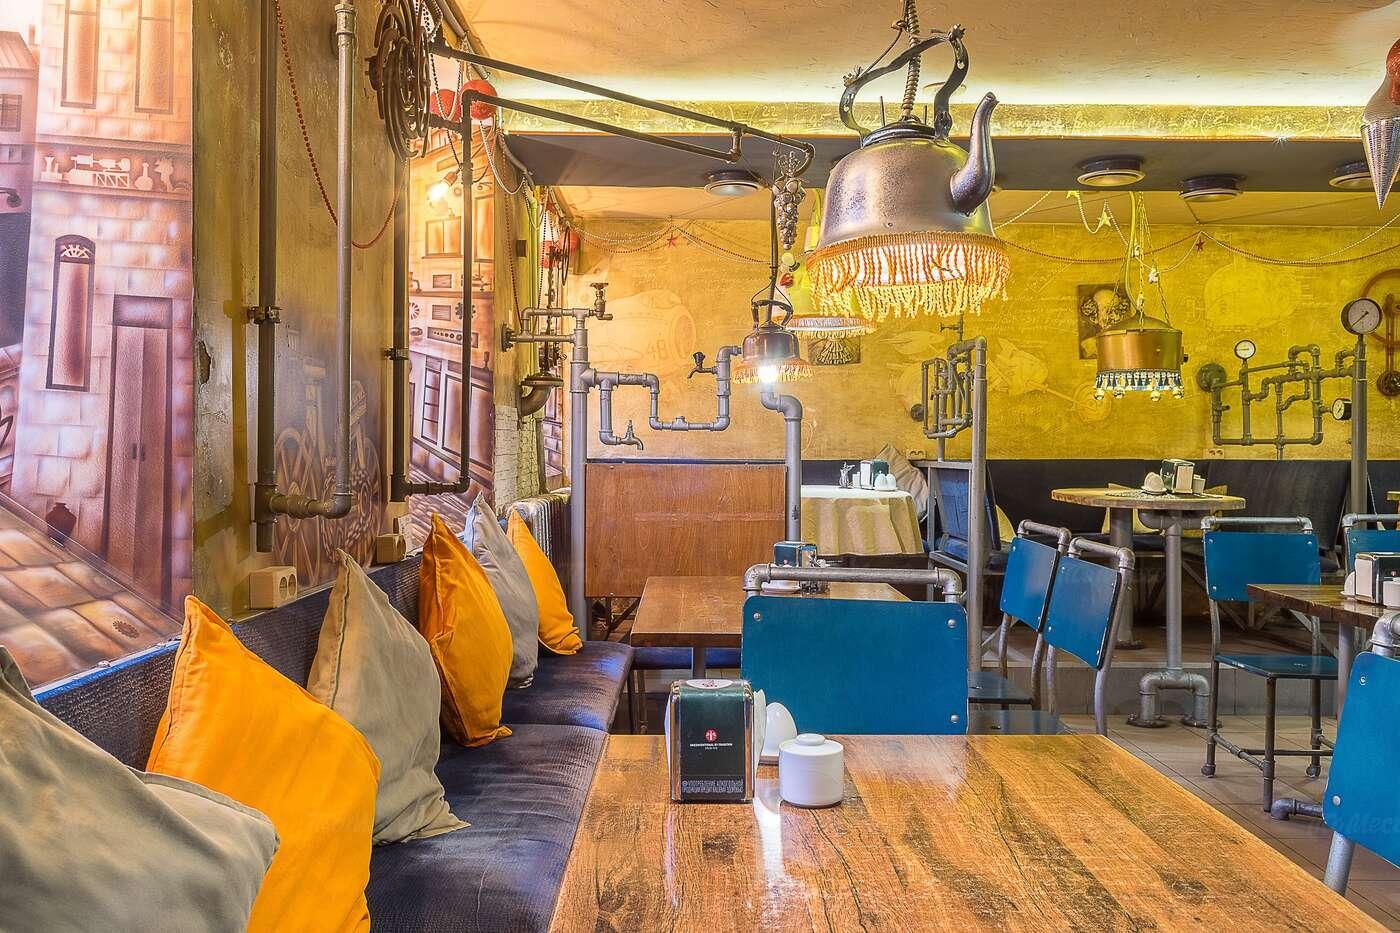 Кафе Заводные яйца на Фурштатской улице